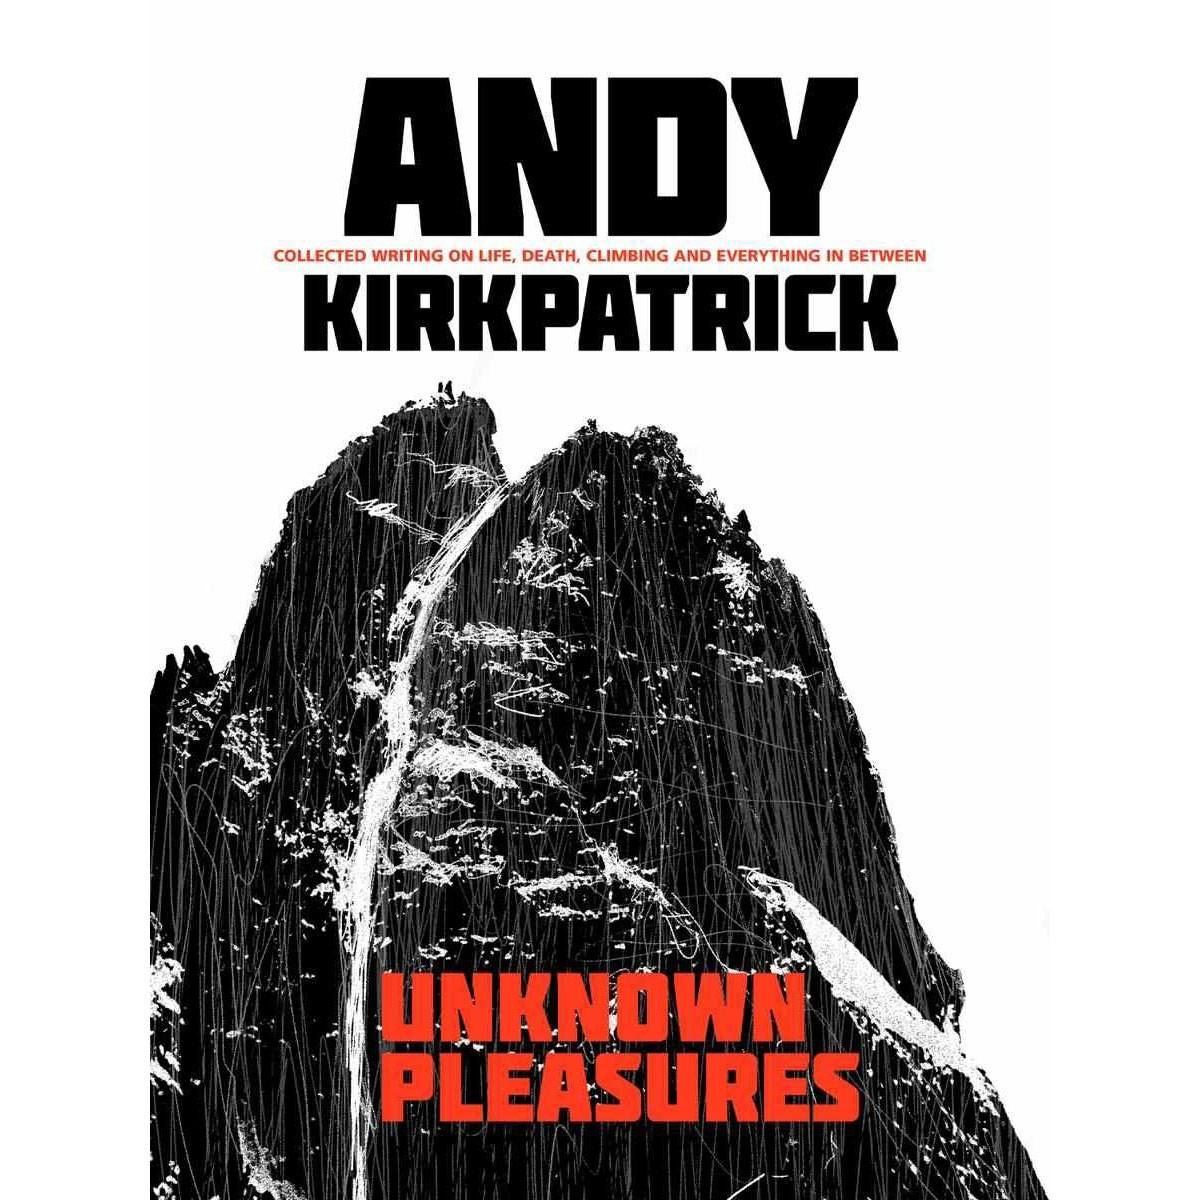 Unknown Pleasures; Andy Kirkpatrick